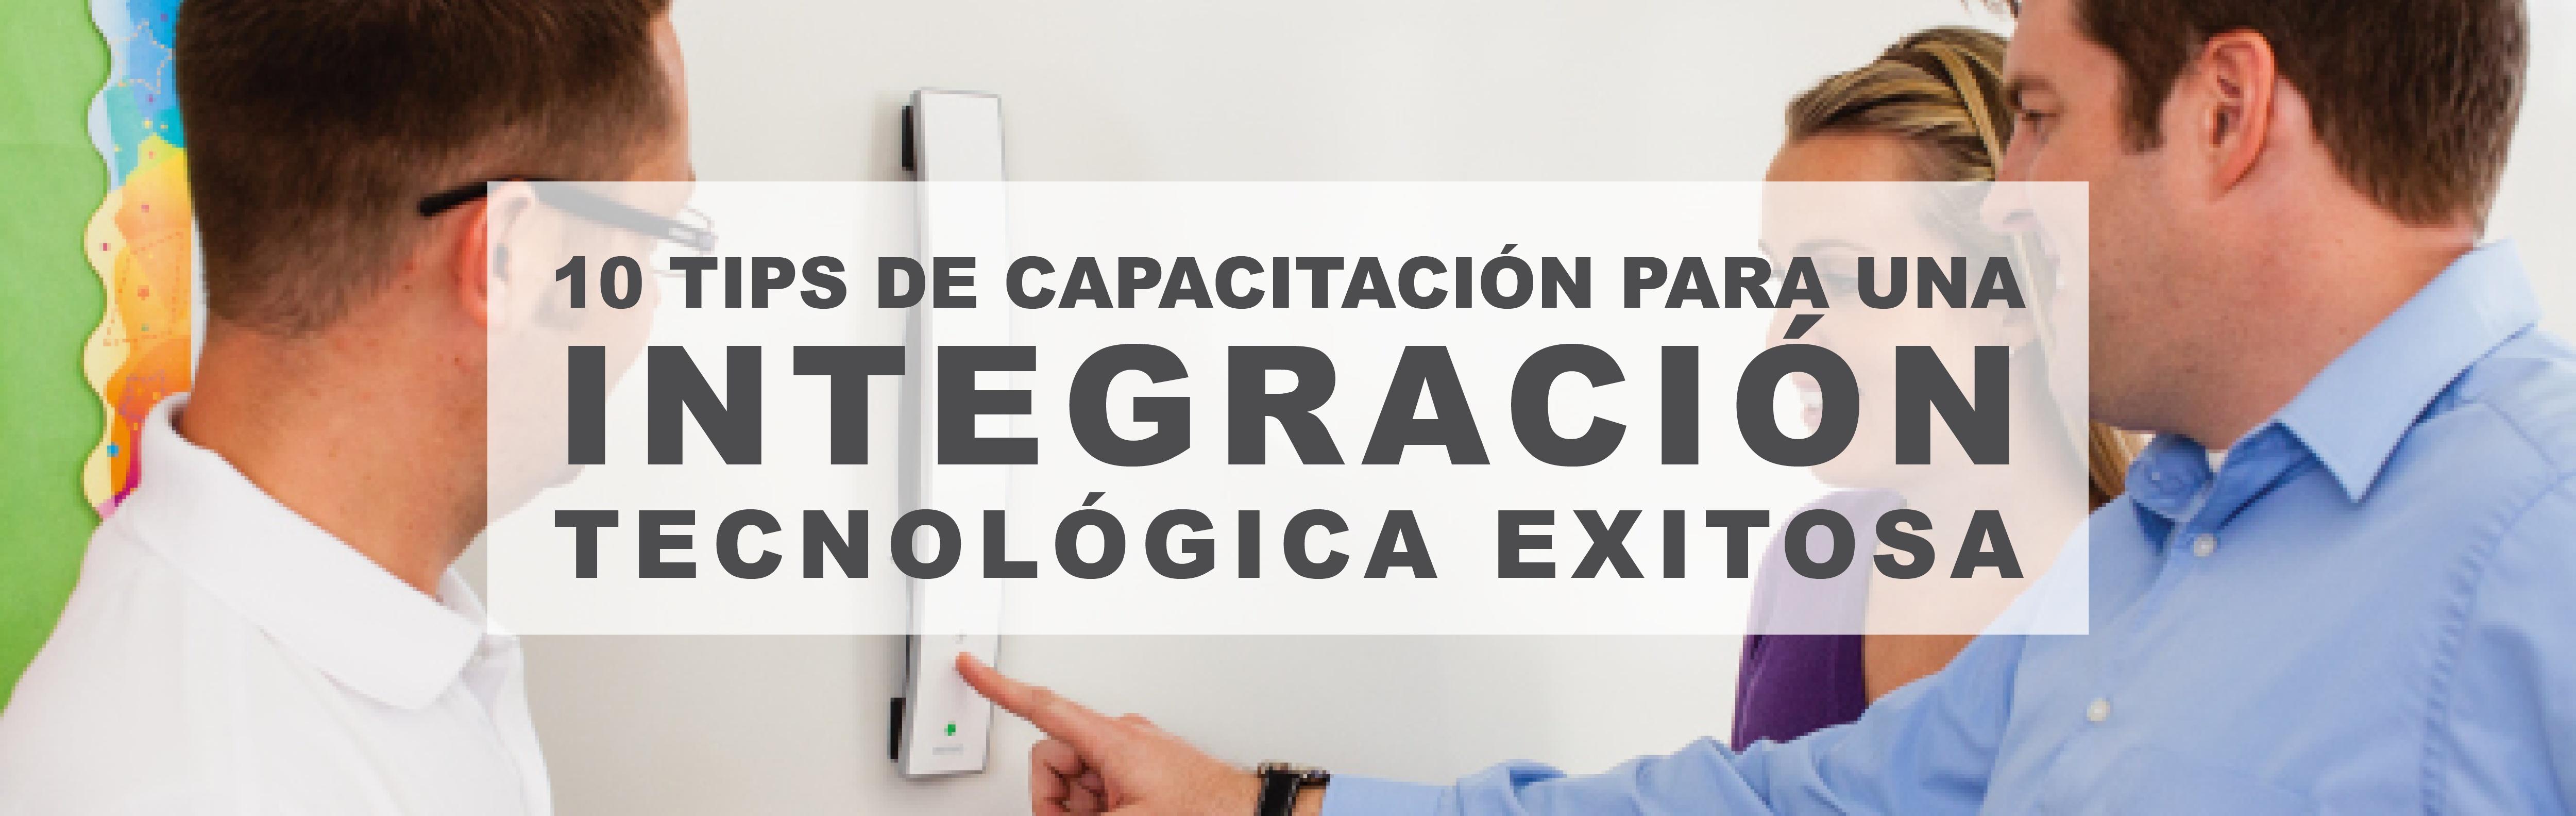 10 Tips de Capacitación para una Integración Tecnológica Exitosa